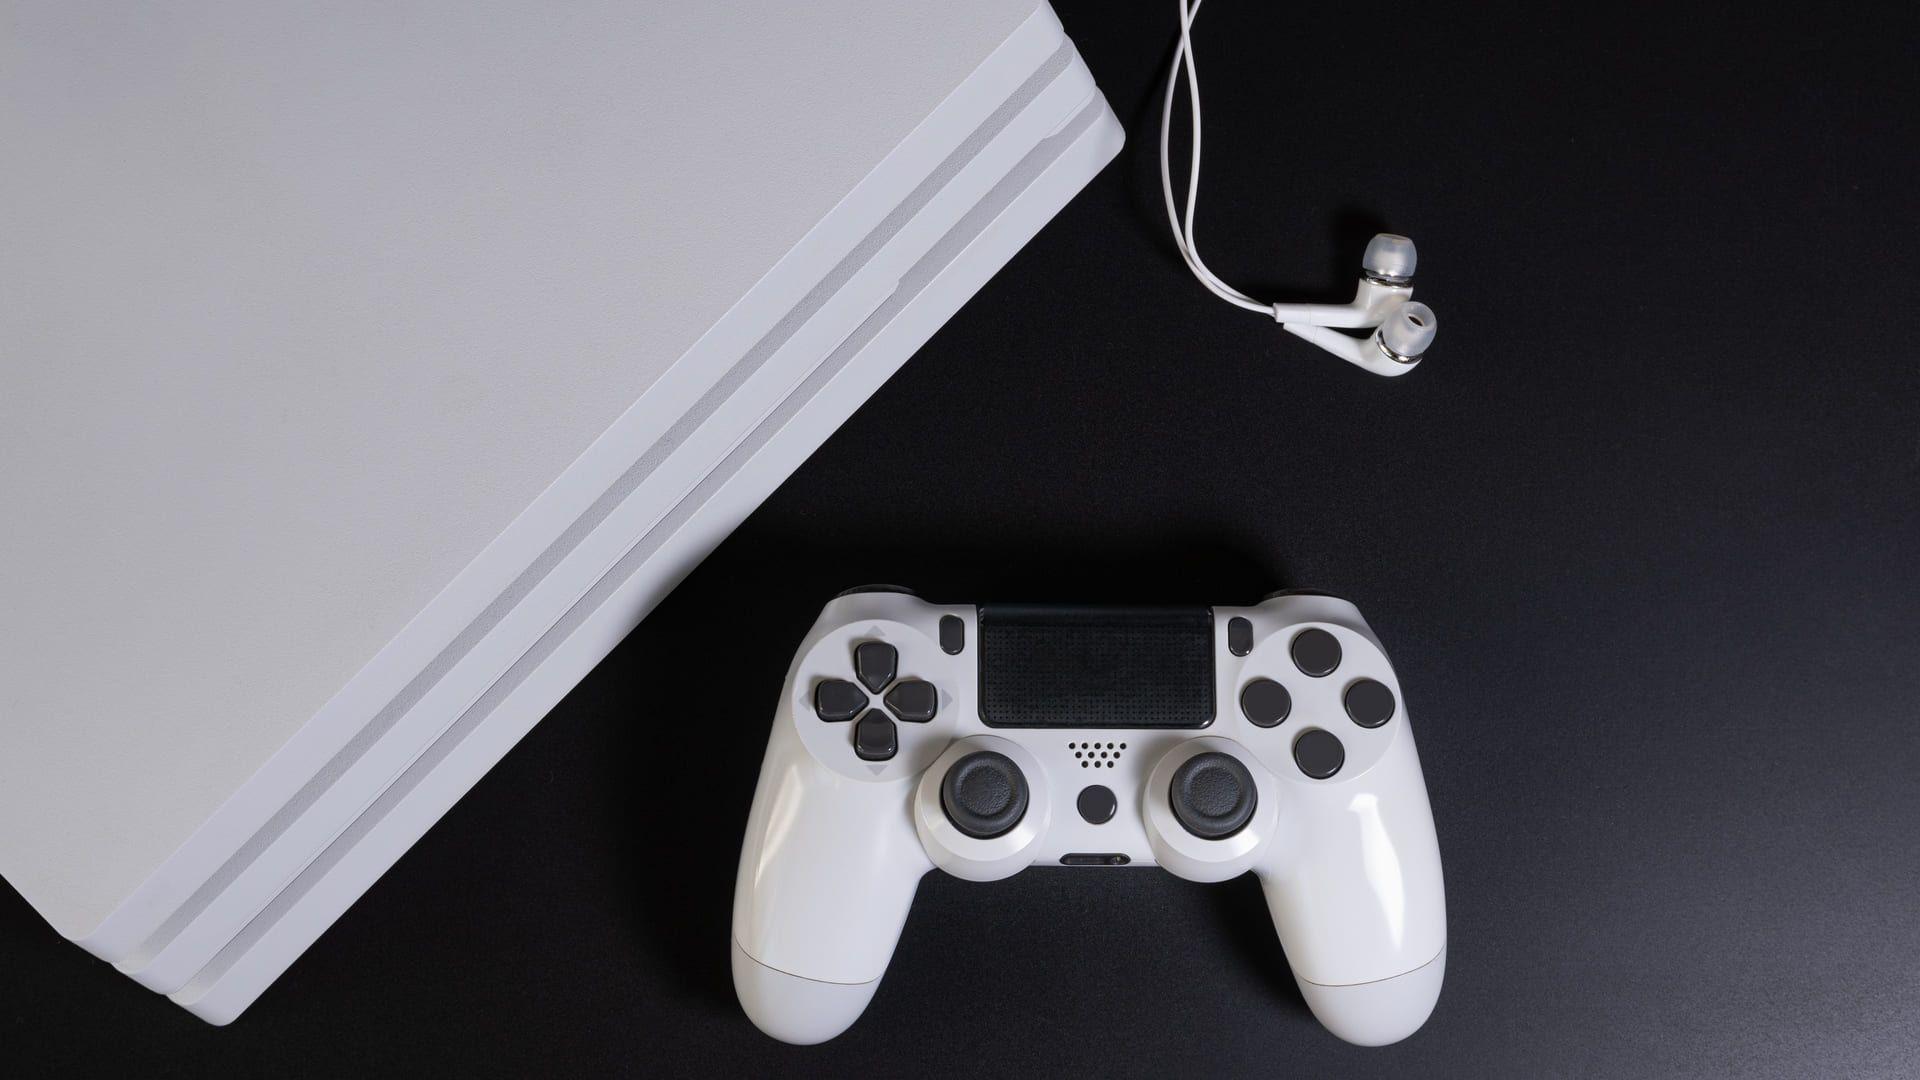 PS4 e controle branco sobre mesa preta, com fones de ouvido ao lado